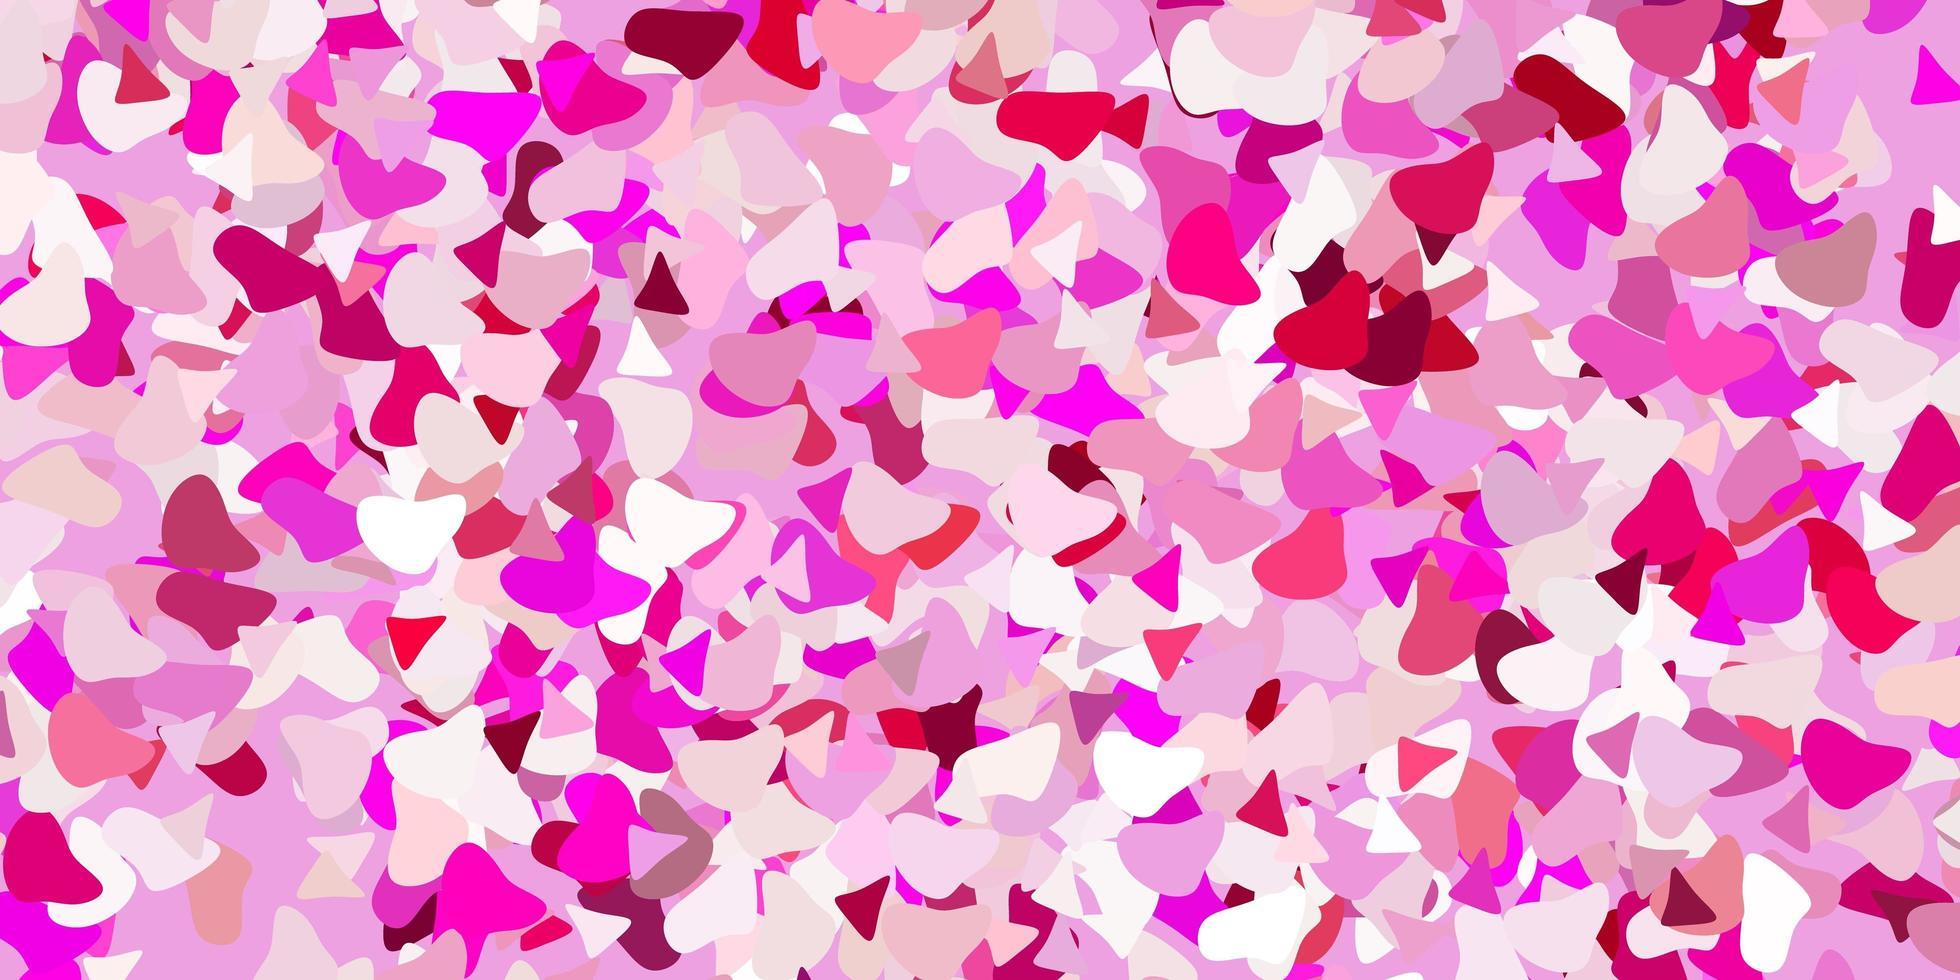 lichtroze vectorpatroon met abstracte vormen. vector